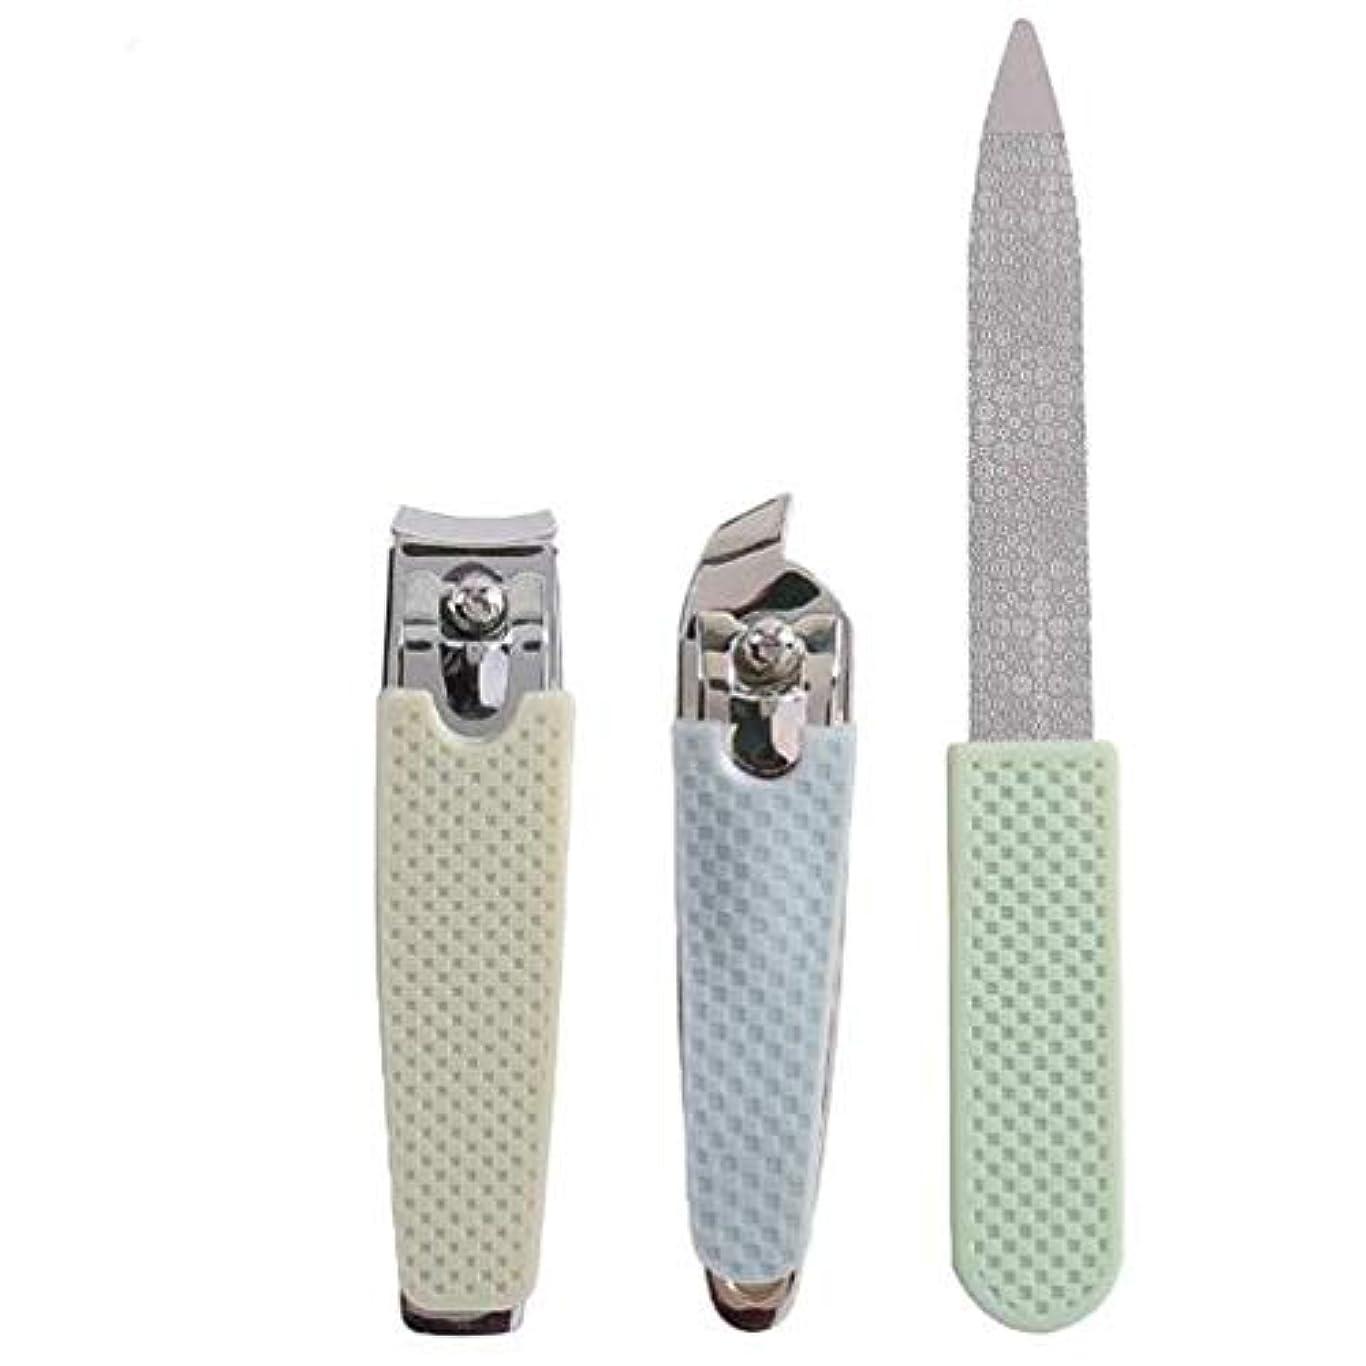 クリーナー貢献するに話す爪切りセット-3点入り 爪切り 爪やすり 爪磨き 爪とぎ 飛び散り防止 ステンレス製 カバー付き 手足用